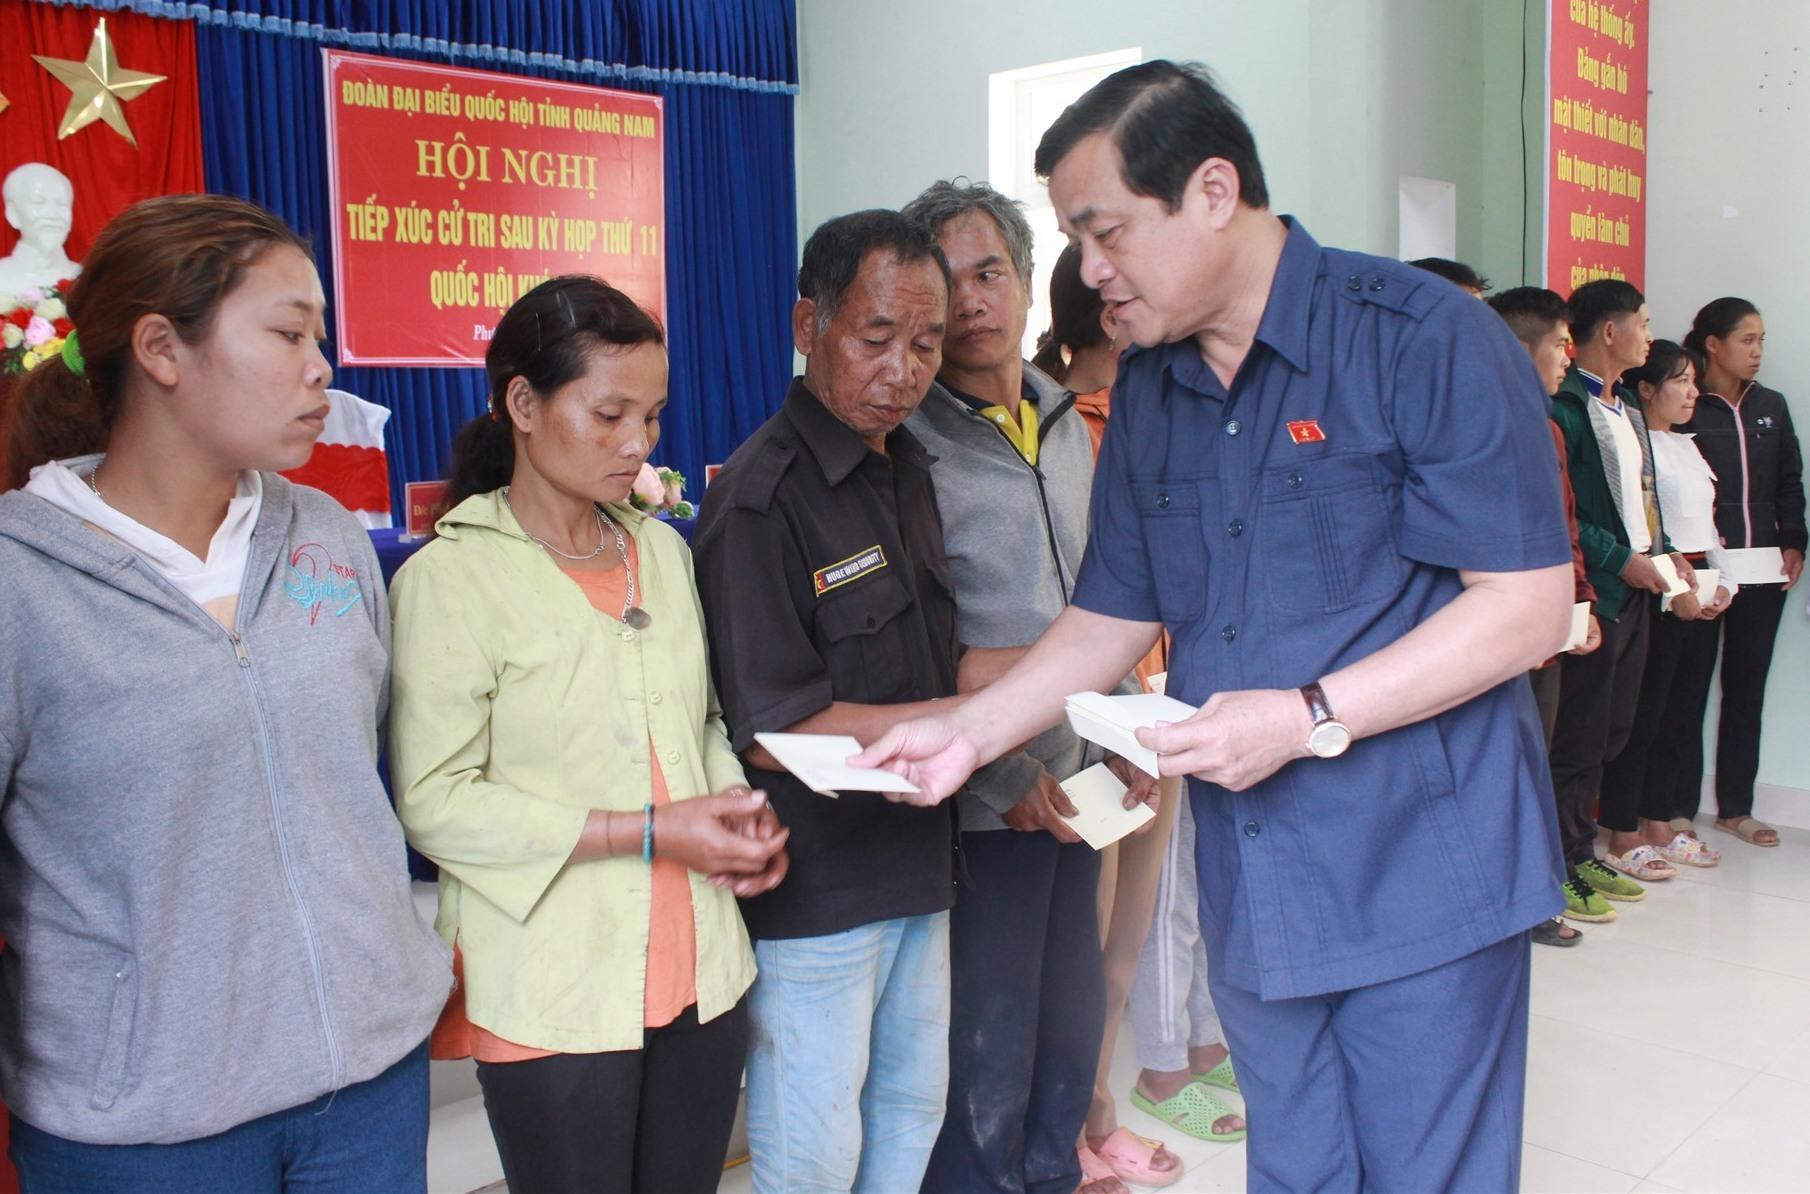 Bí thư Tỉnh ủy Phan Việt Cường tặng quà cho những hộ dân bị thiệt hại nặng do thiên tai ở xã Phước Lộc. Ảnh: T.C